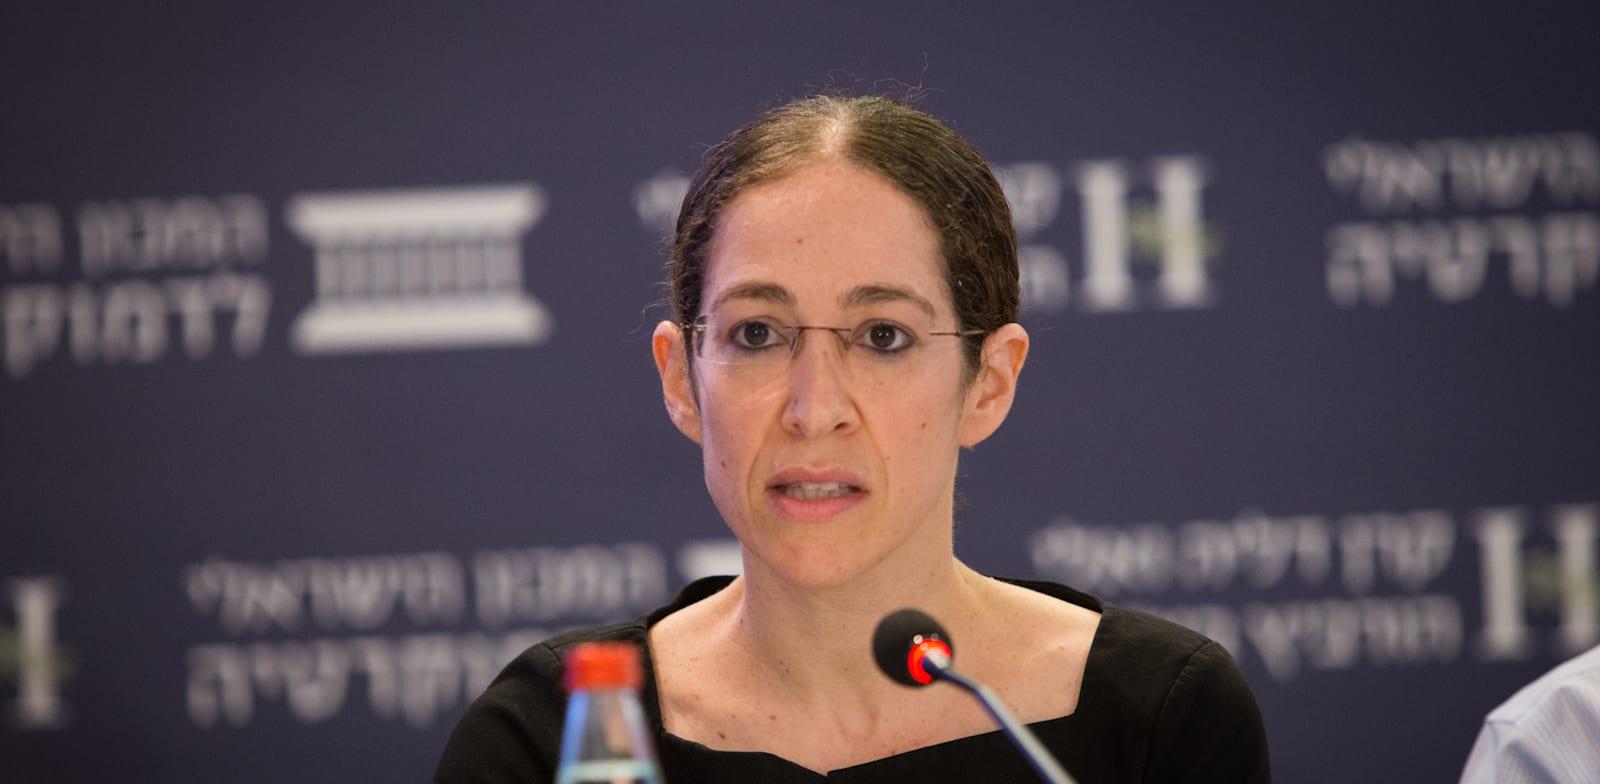 הכלכלנית הראשית במשרד האוצר שירה גרינברג / צילום: המכון הישראלי לדמוקרטיה